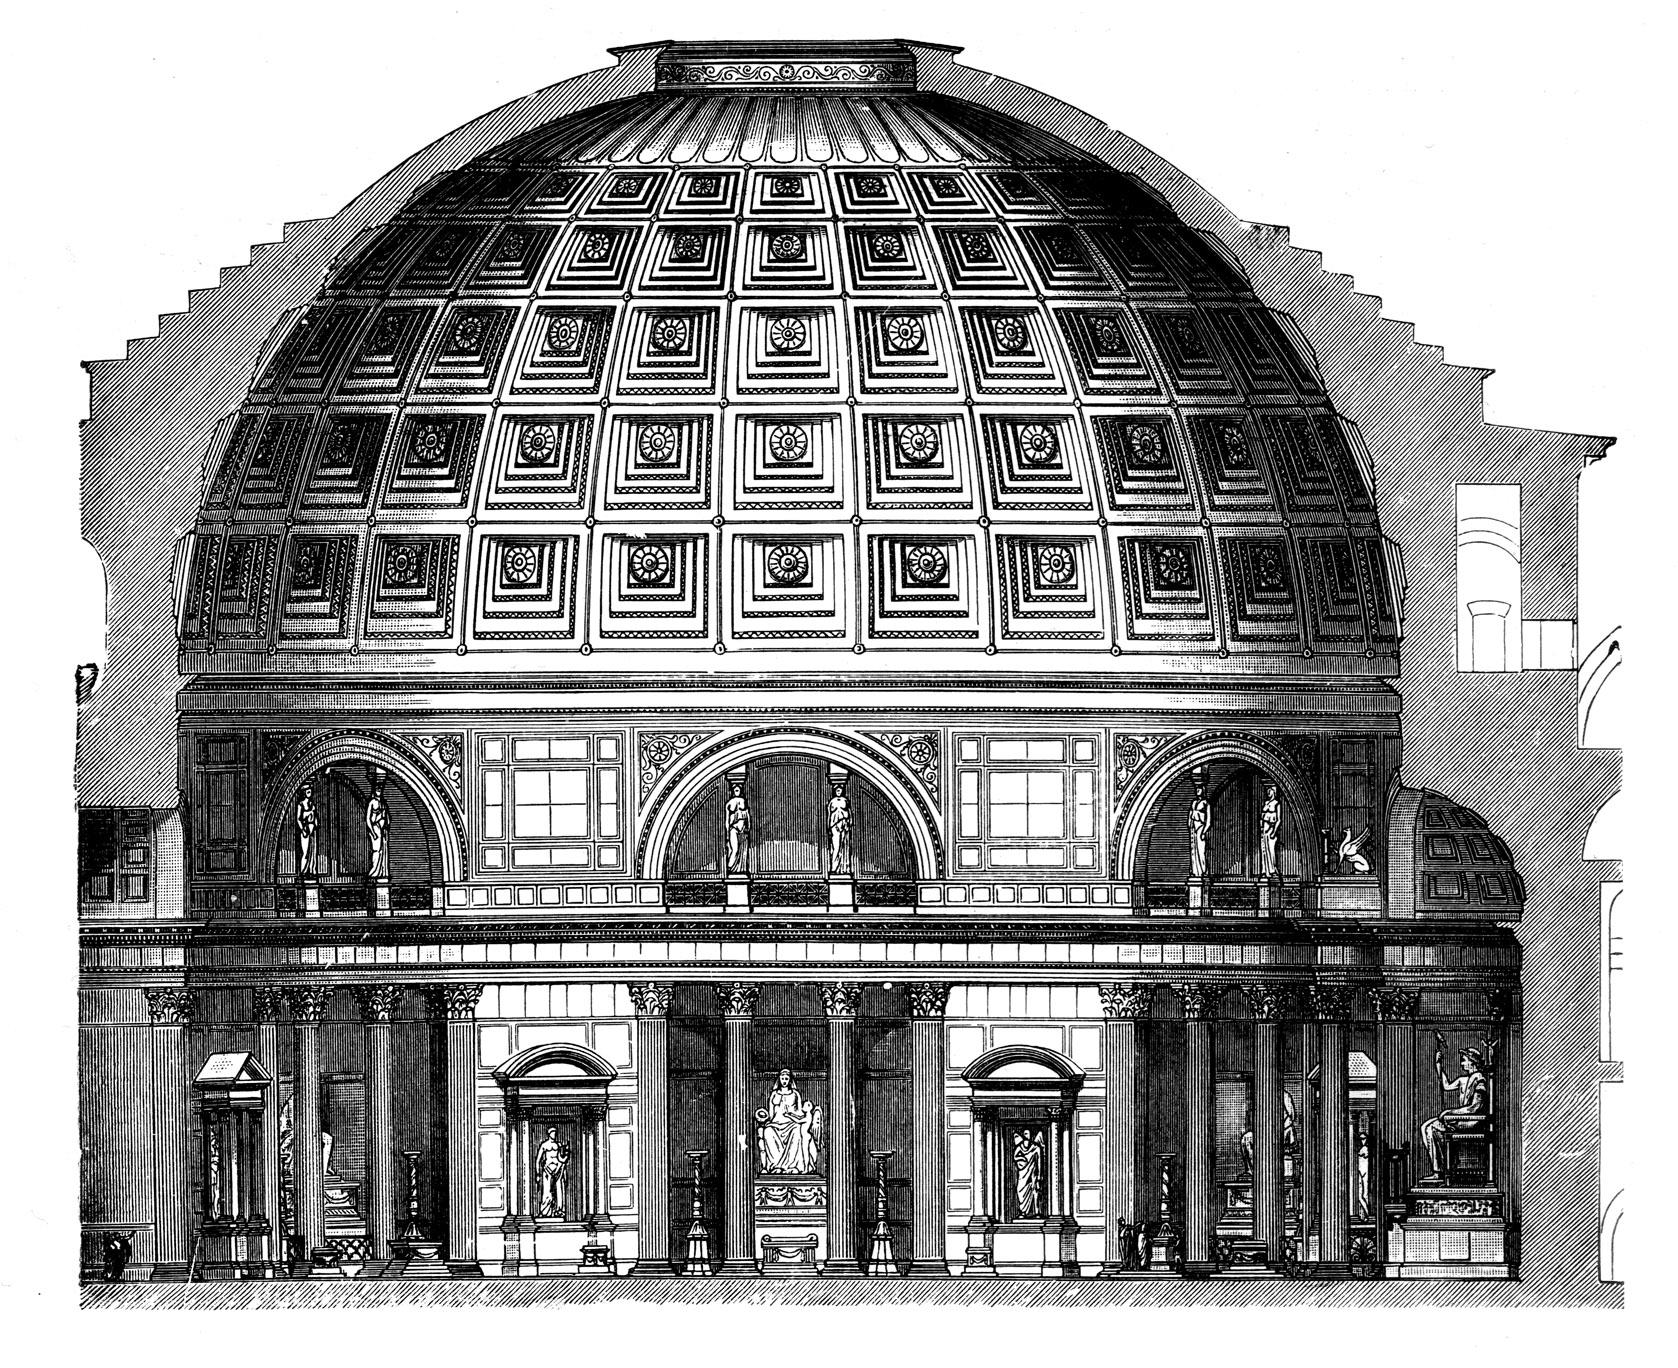 http://upload.wikimedia.org/wikipedia/commons/7/7b/Pantheon.drawing.jpg